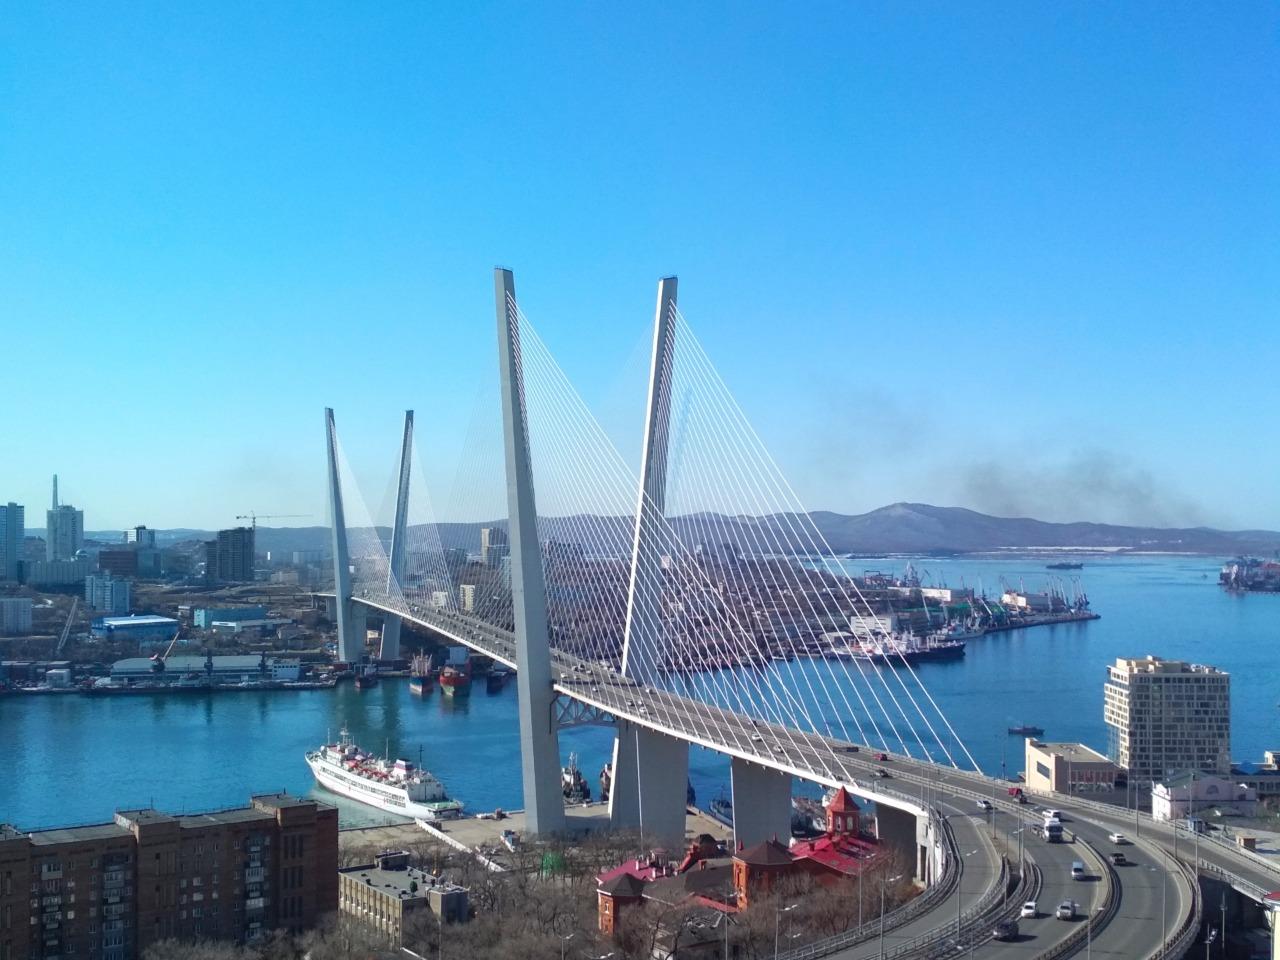 Топ-5 лучших мест Владивостока - индивидуальная экскурсия по Владивостоку от опытного гида